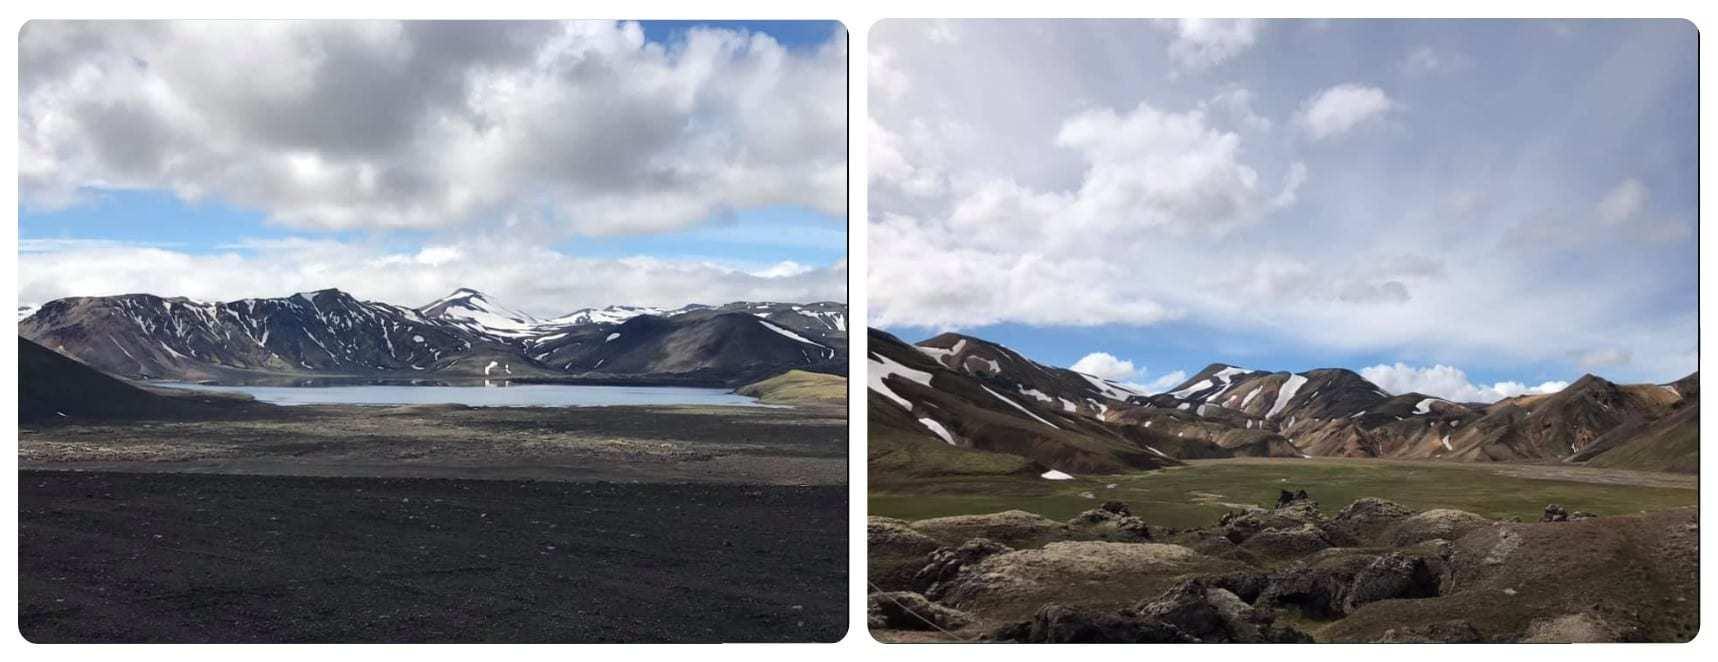 איסלנד למשפחות עם ילדים - פארק לנדמנלאוגר והבריכה המגעילה